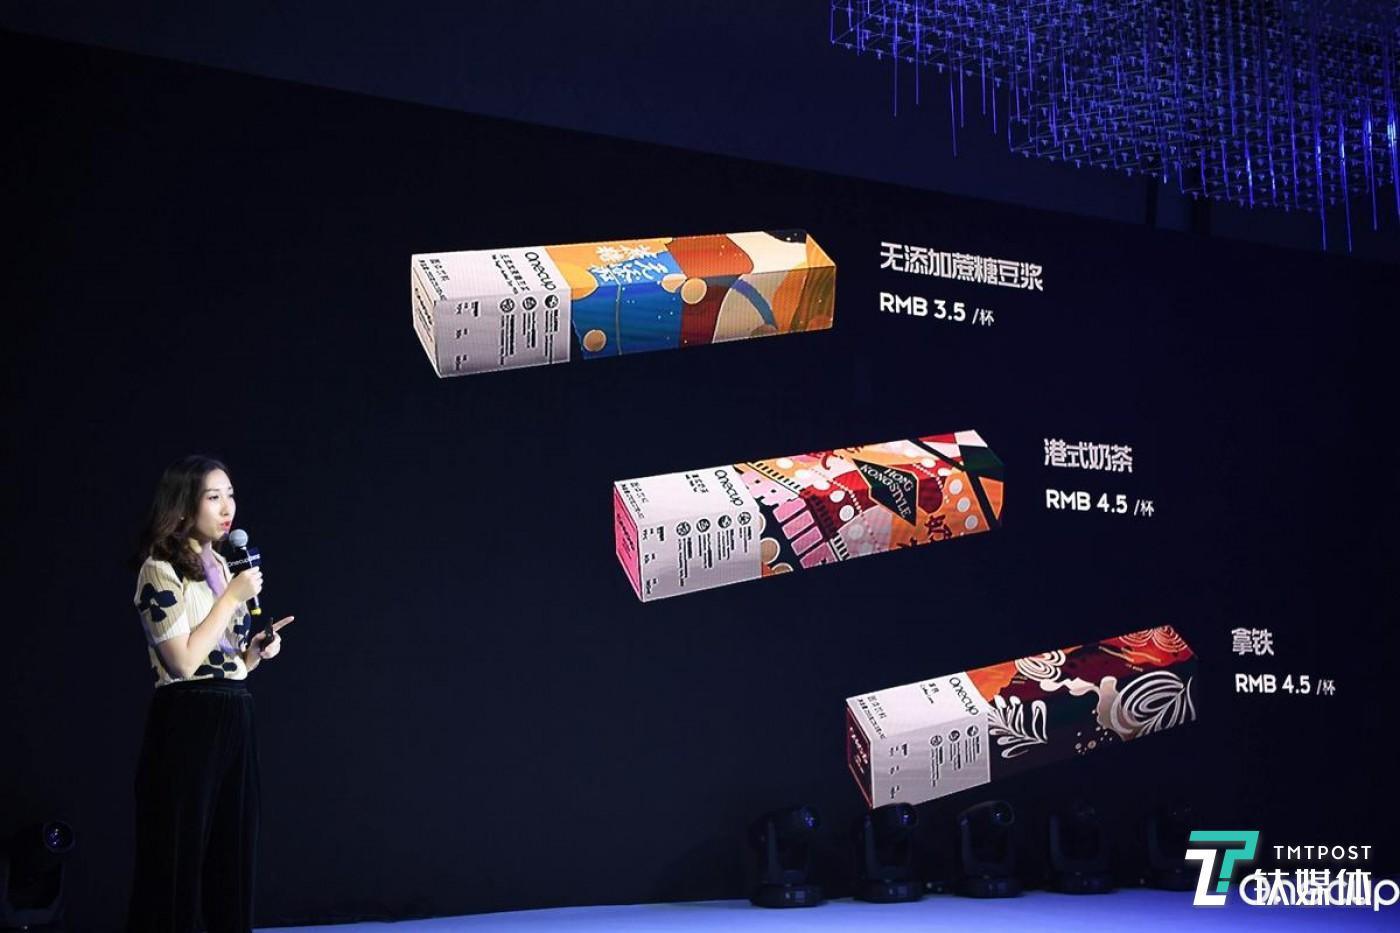 三种不同品类的胶囊售价